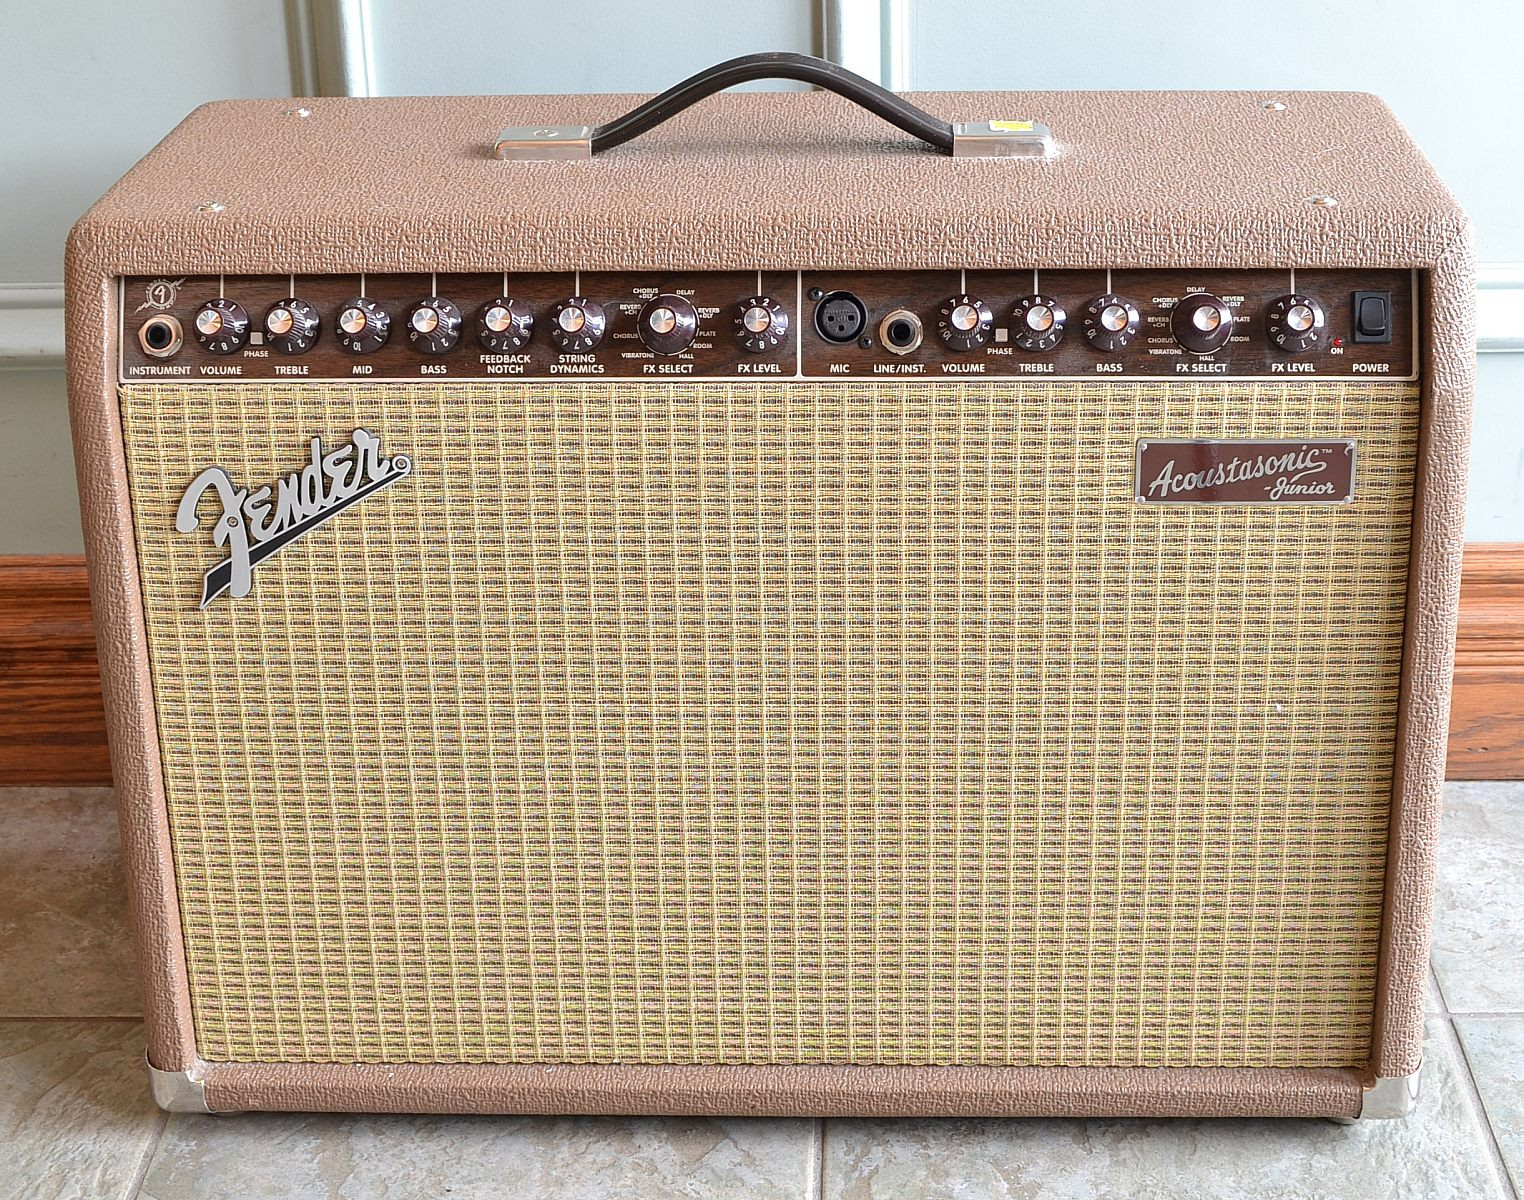 Fender_Acoustasonic JR DSP_used